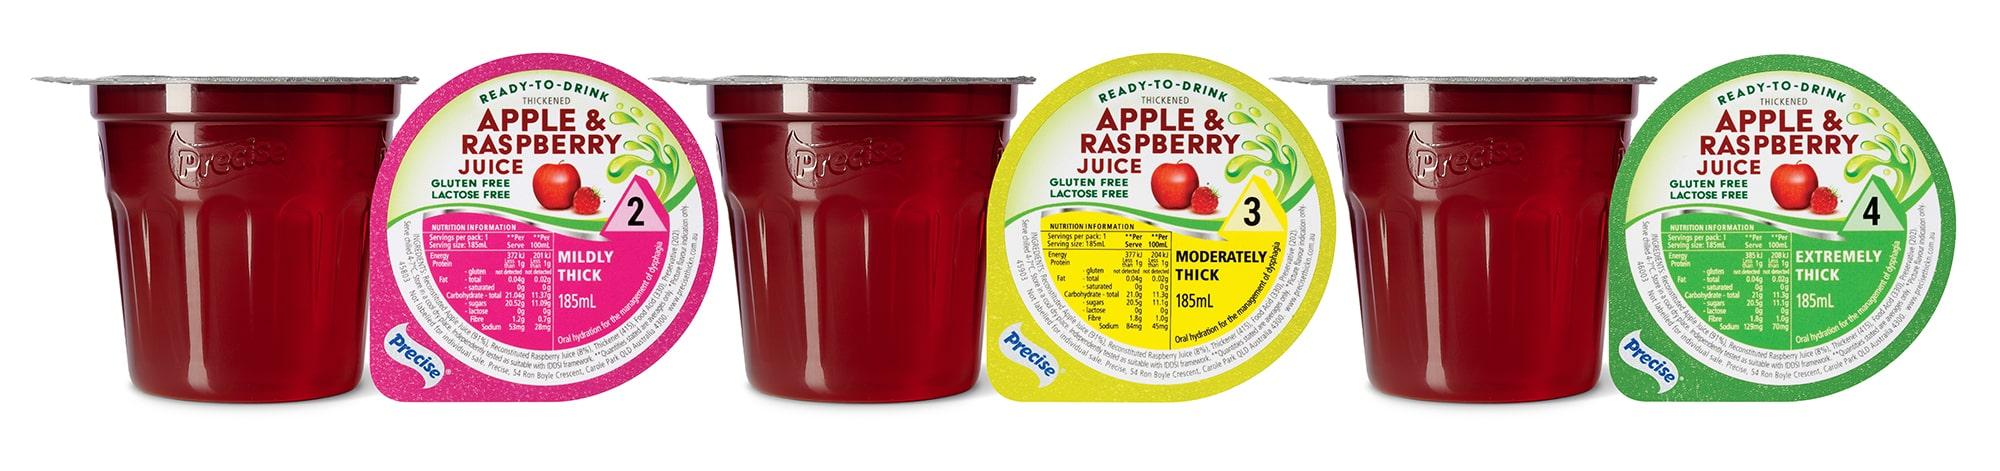 RTD Apple and Raspberry Juice